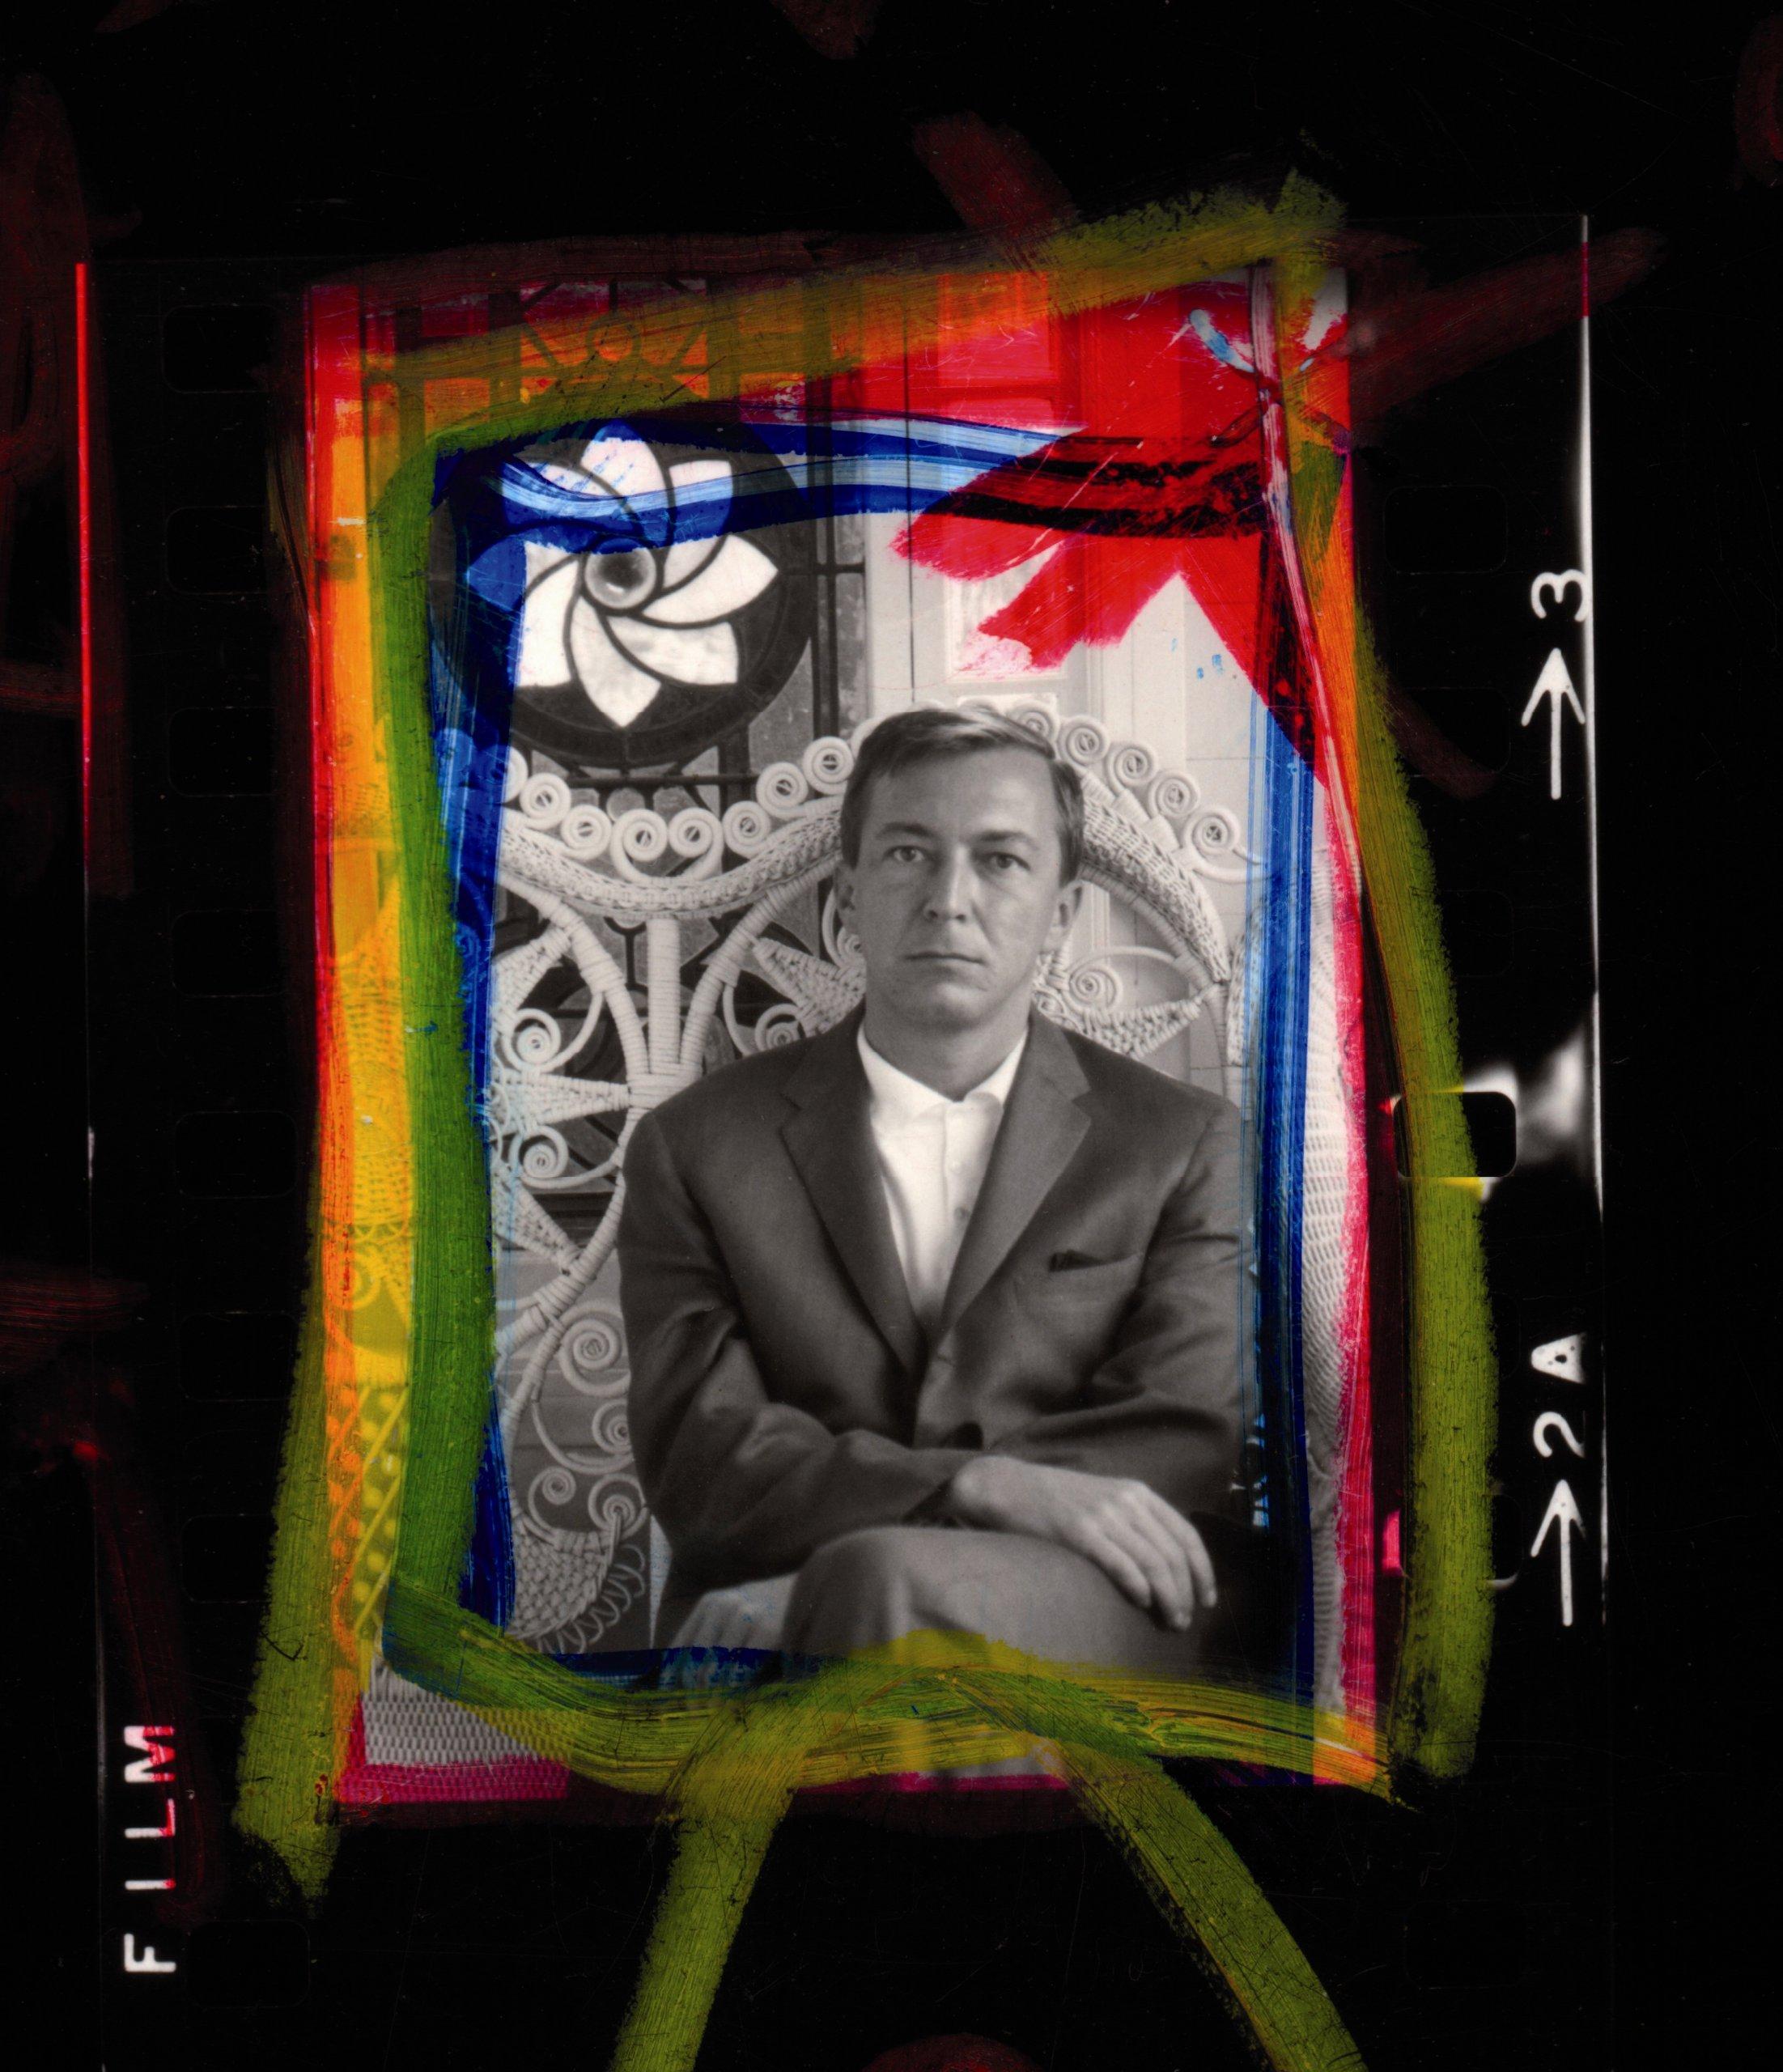 Dennis Hopper. Photographs 1961-1967. Ediz. inglese, francese e ...